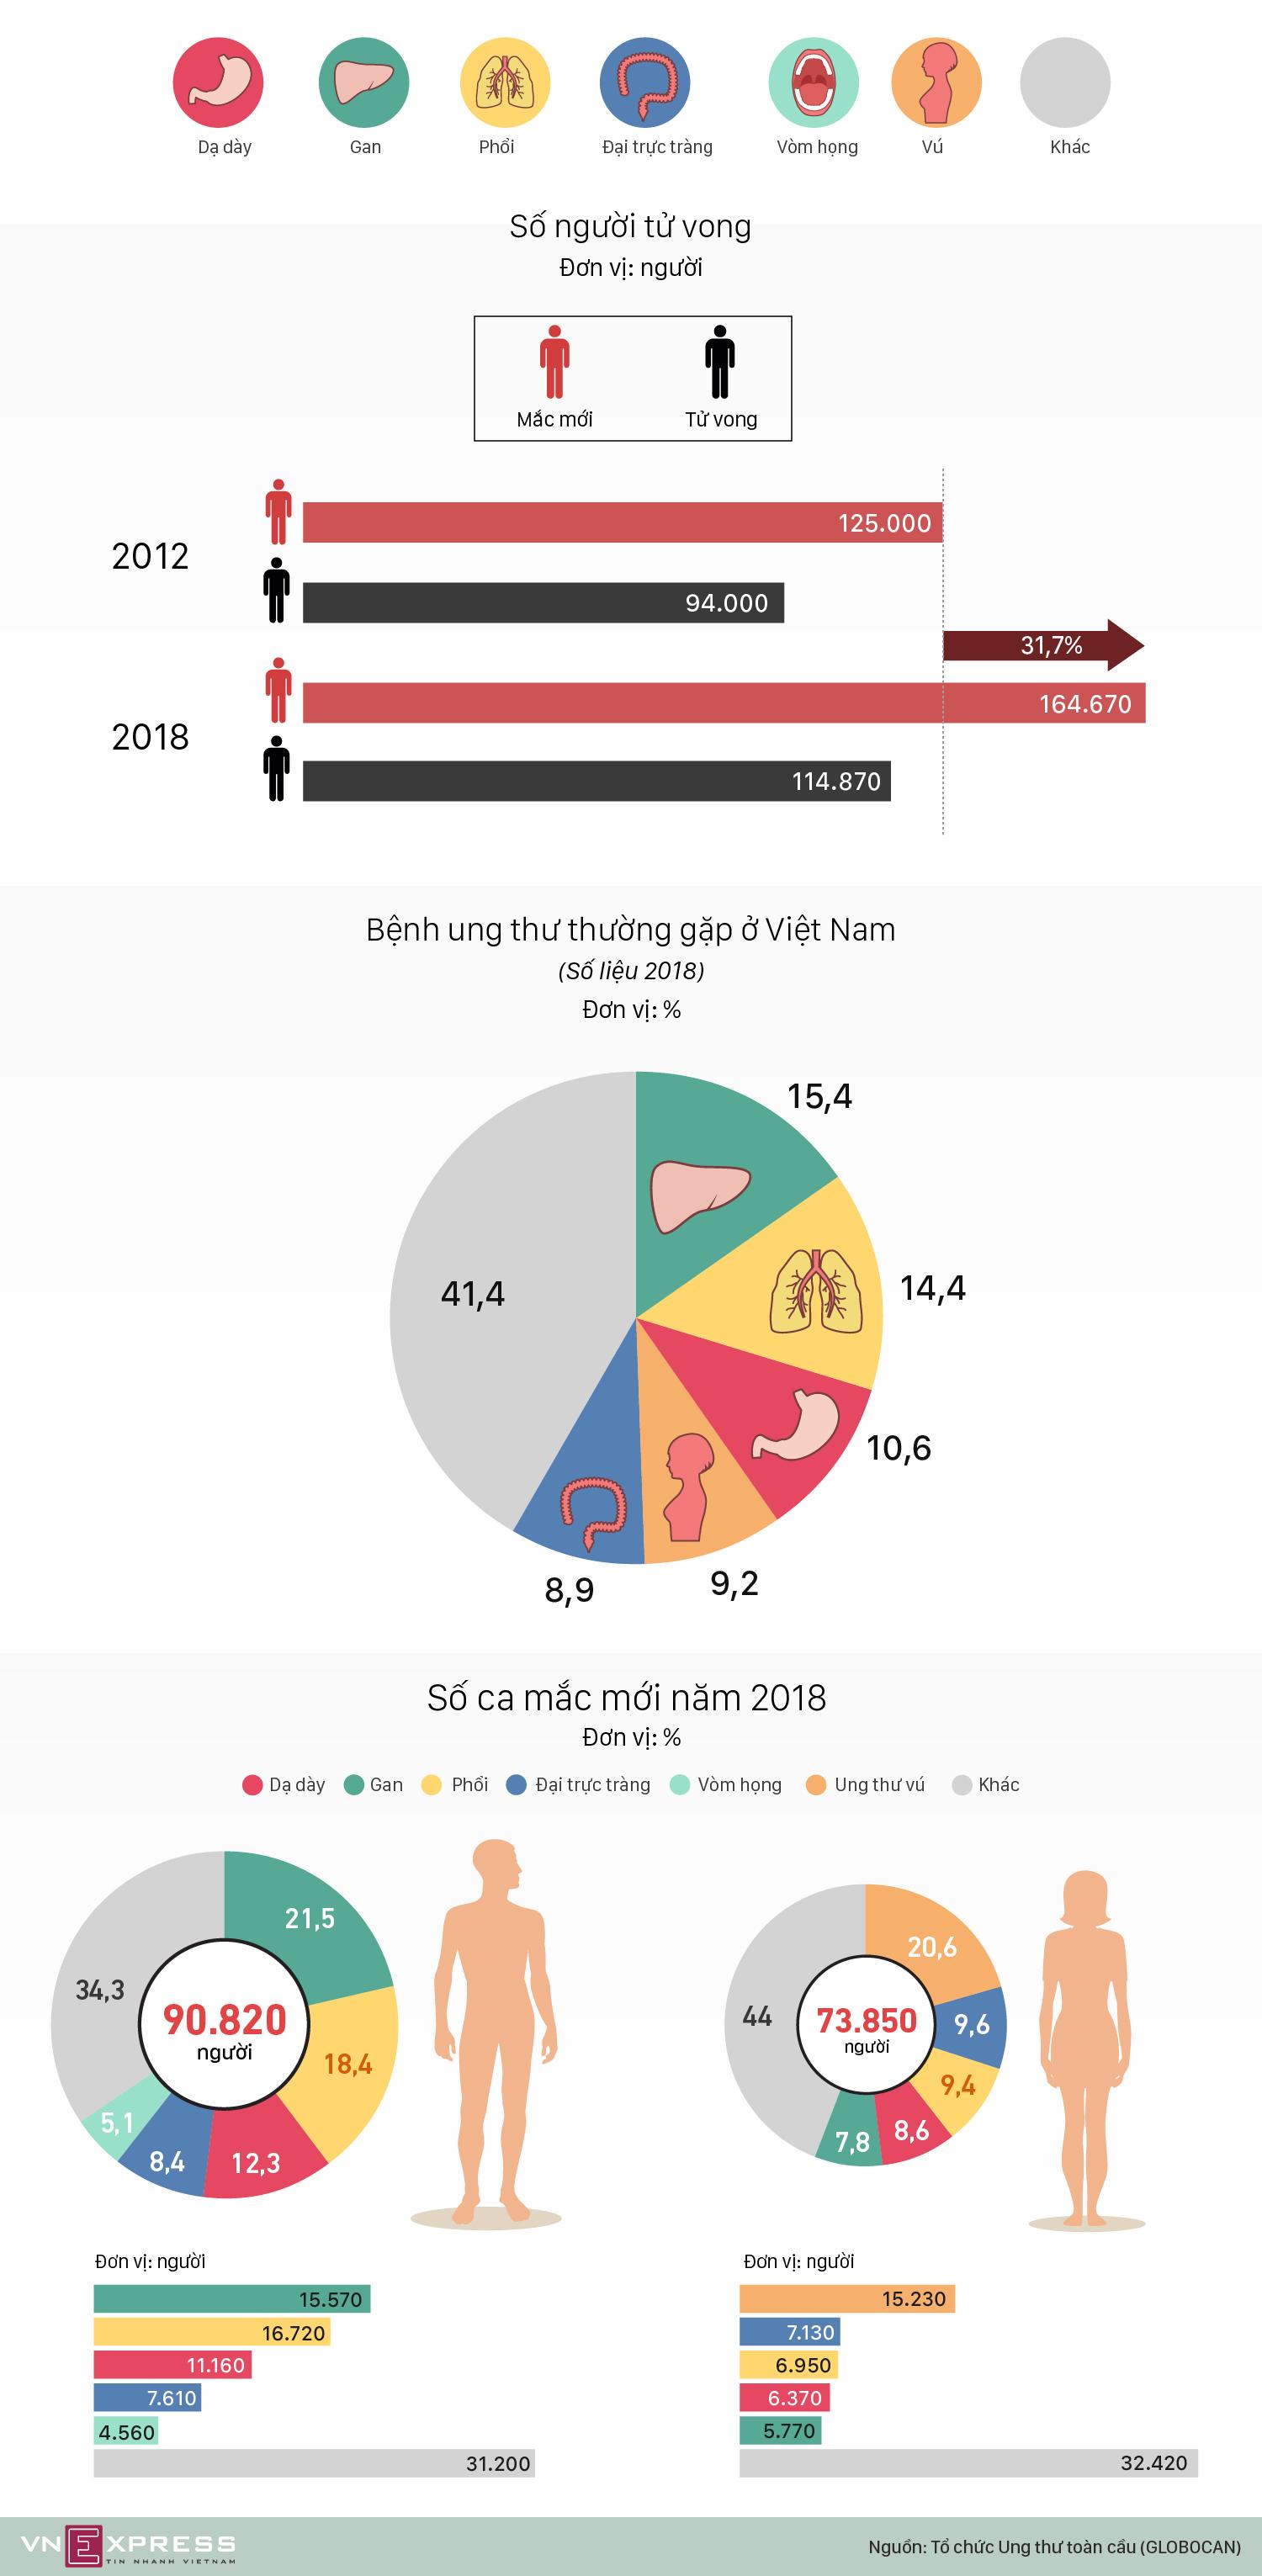 Ung thư cướp sinh mạng hàng trăm nghìn người Việt mỗi năm